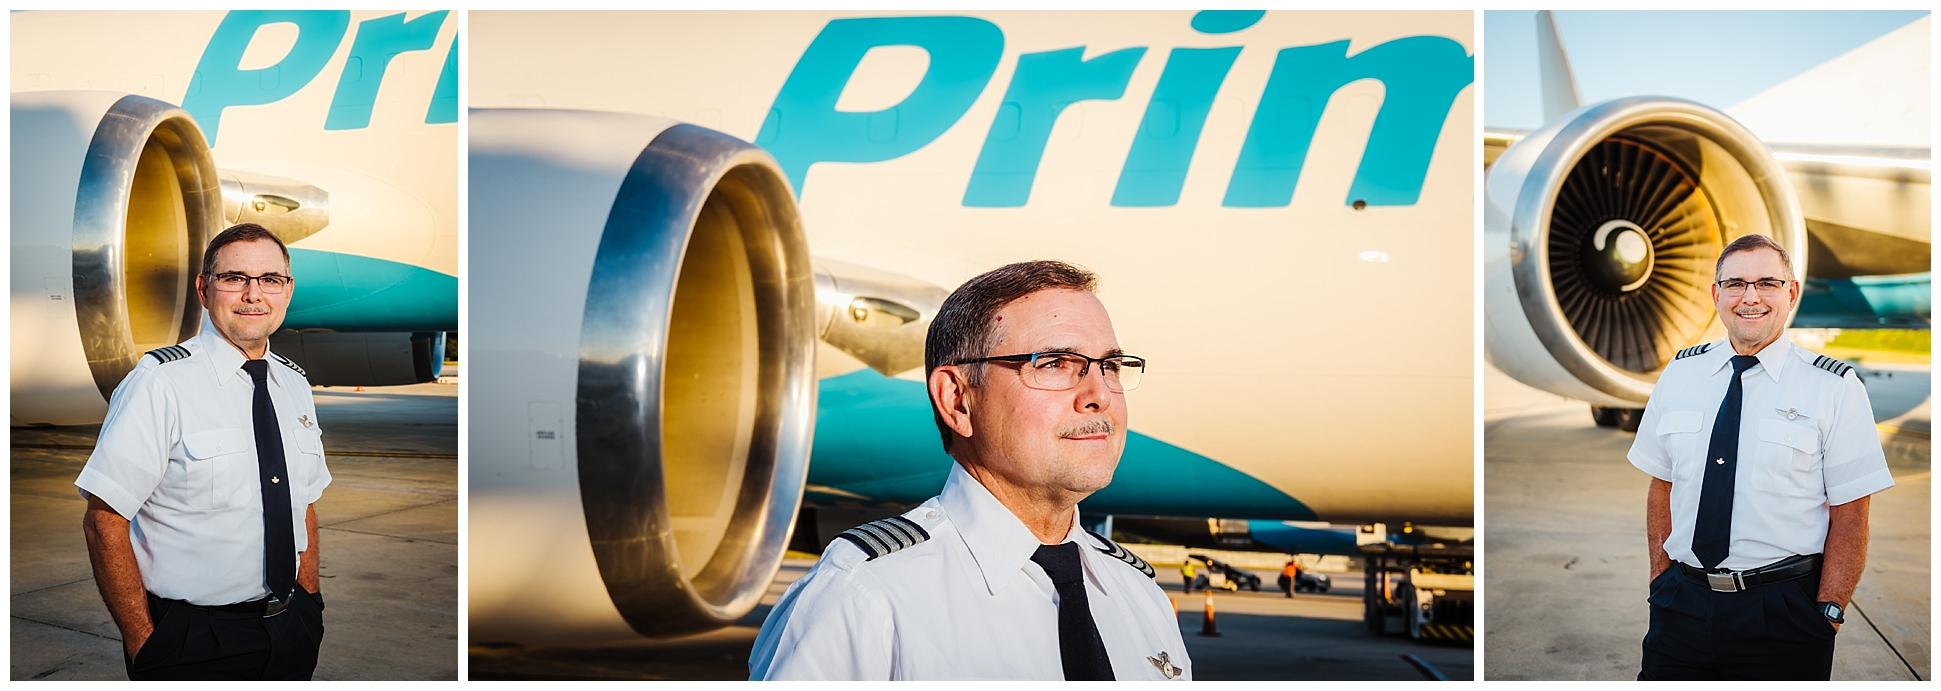 el-capitan-hamon-airline-pilot_5.jpg